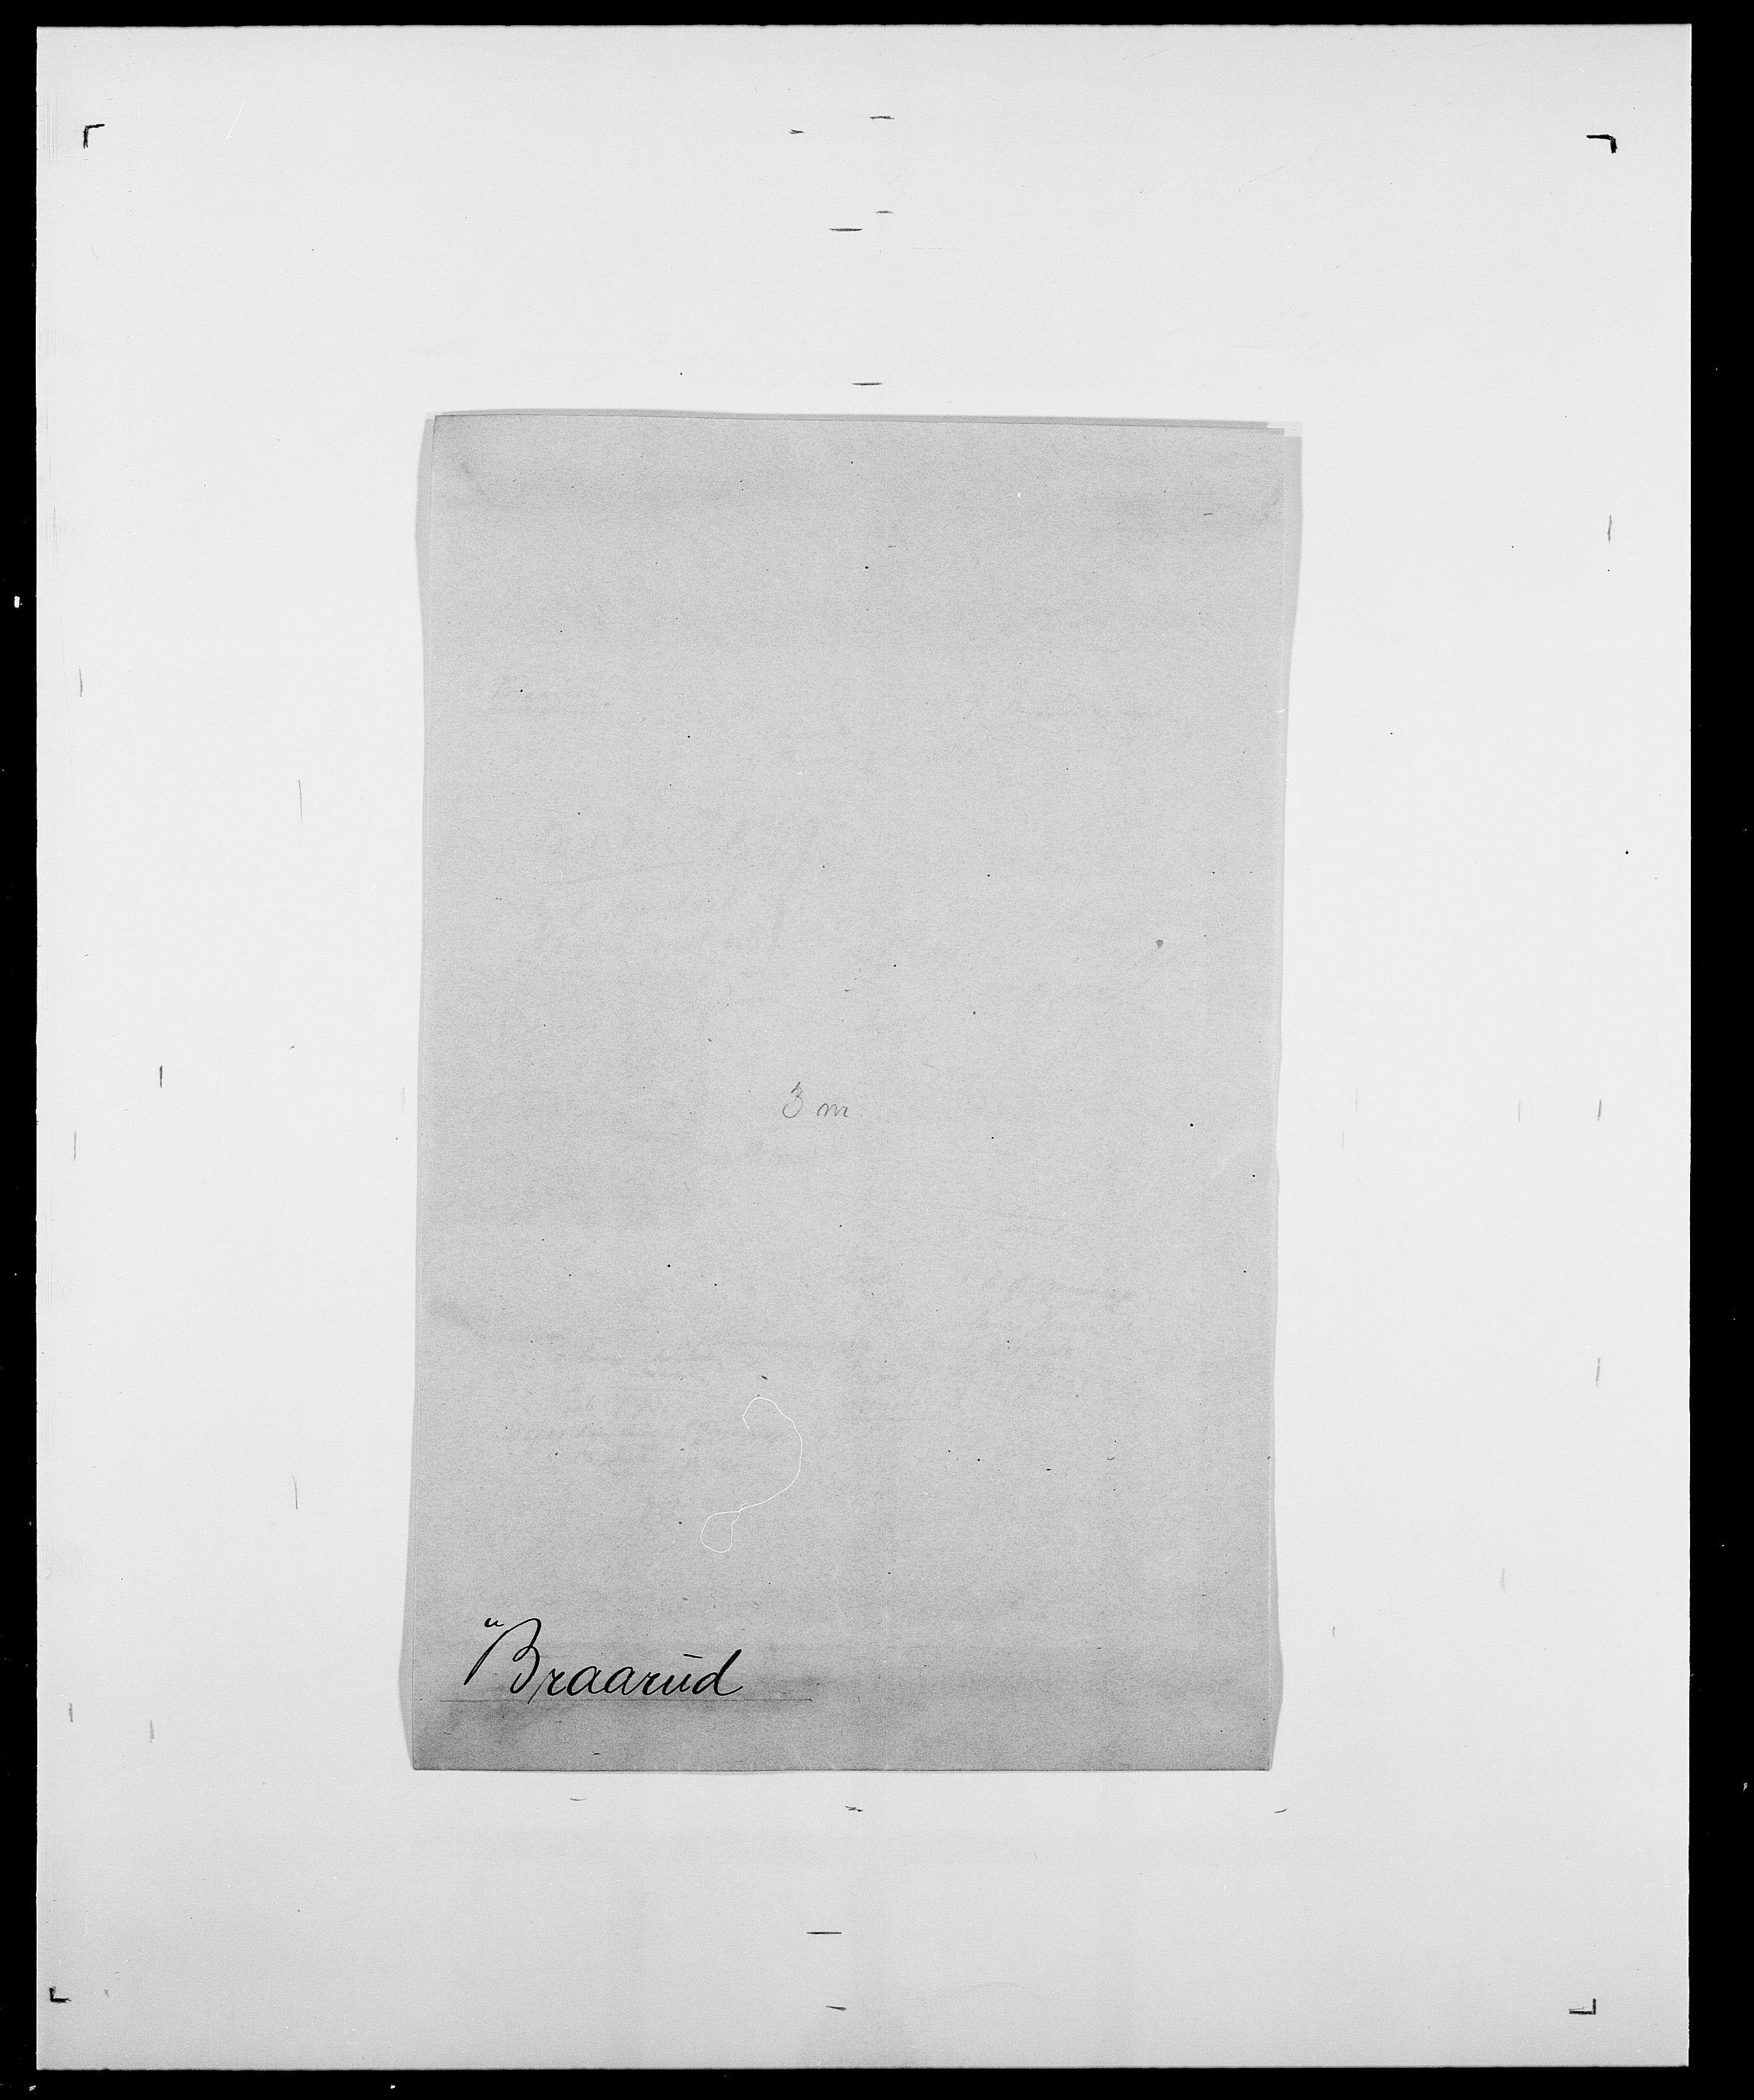 SAO, Delgobe, Charles Antoine - samling, D/Da/L0005: Boalth - Brahm, s. 421